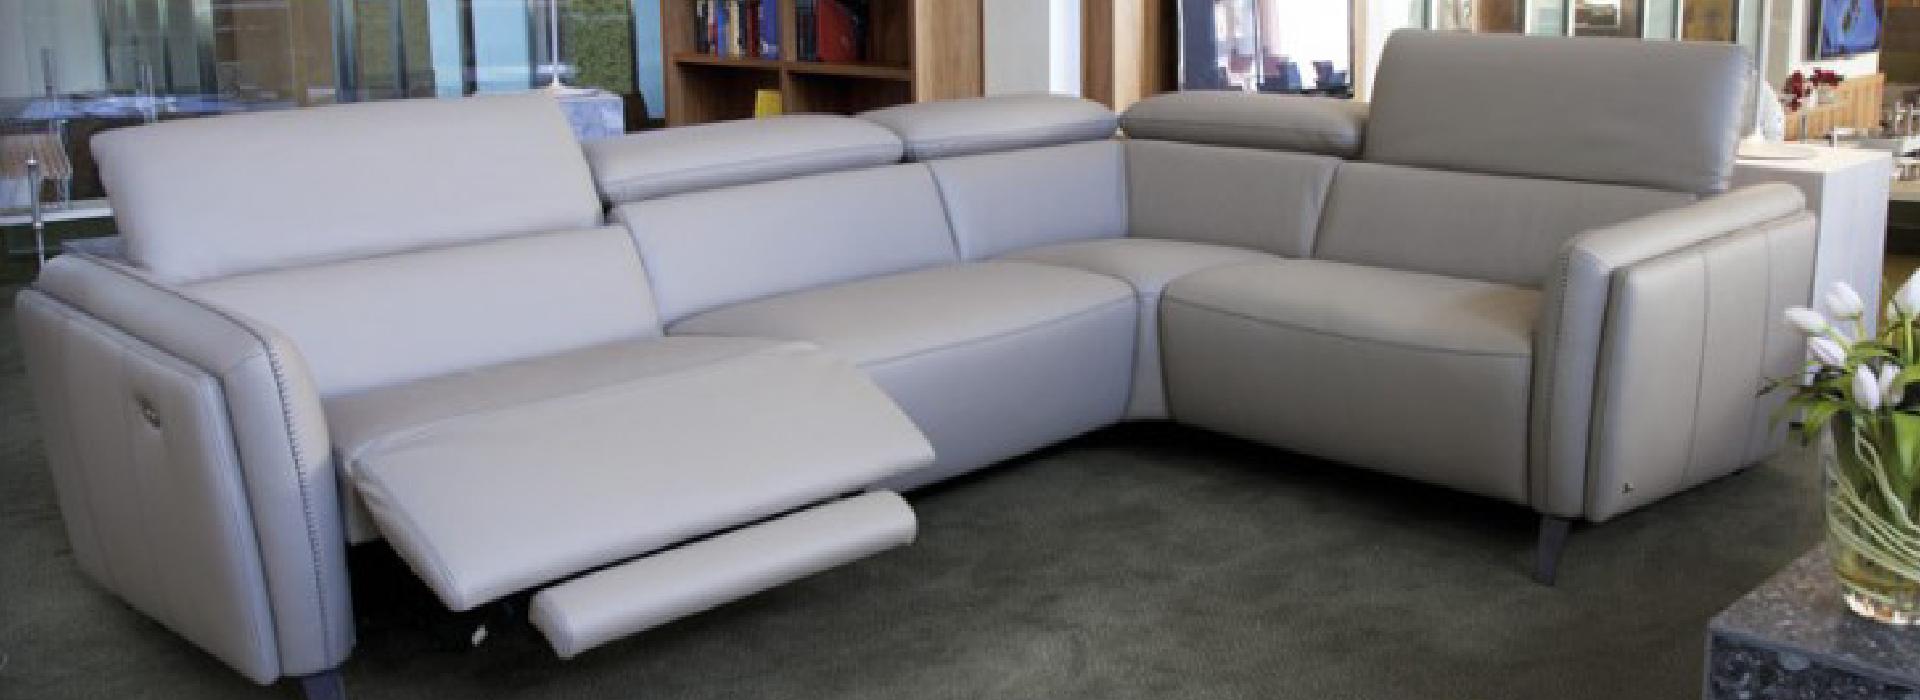 C mo hidratar un sof de piel con sencillos trucos for Rebajas sofas de piel